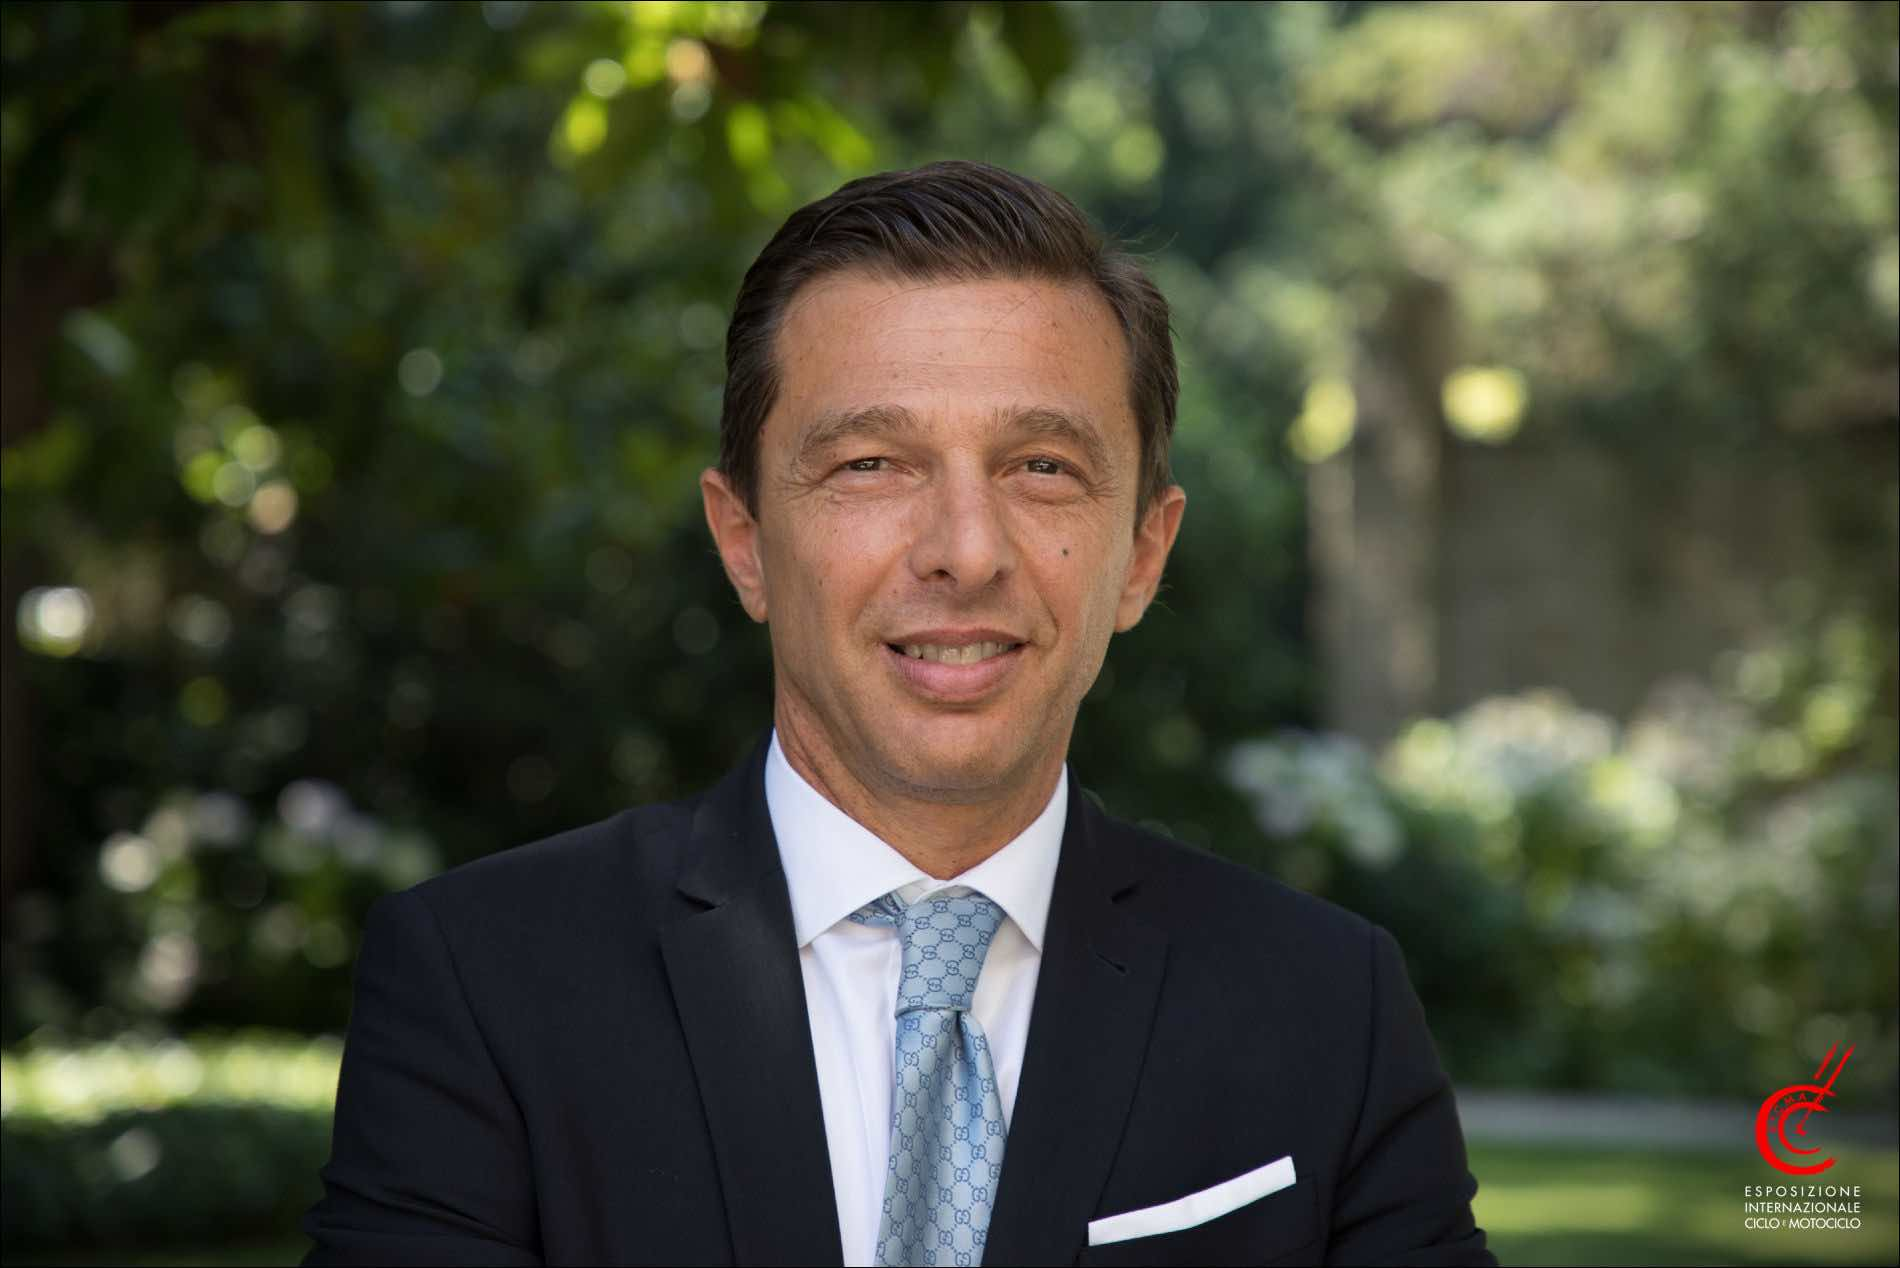 Andrea-Dell-Orto-(Presidente-EICMA)_2019